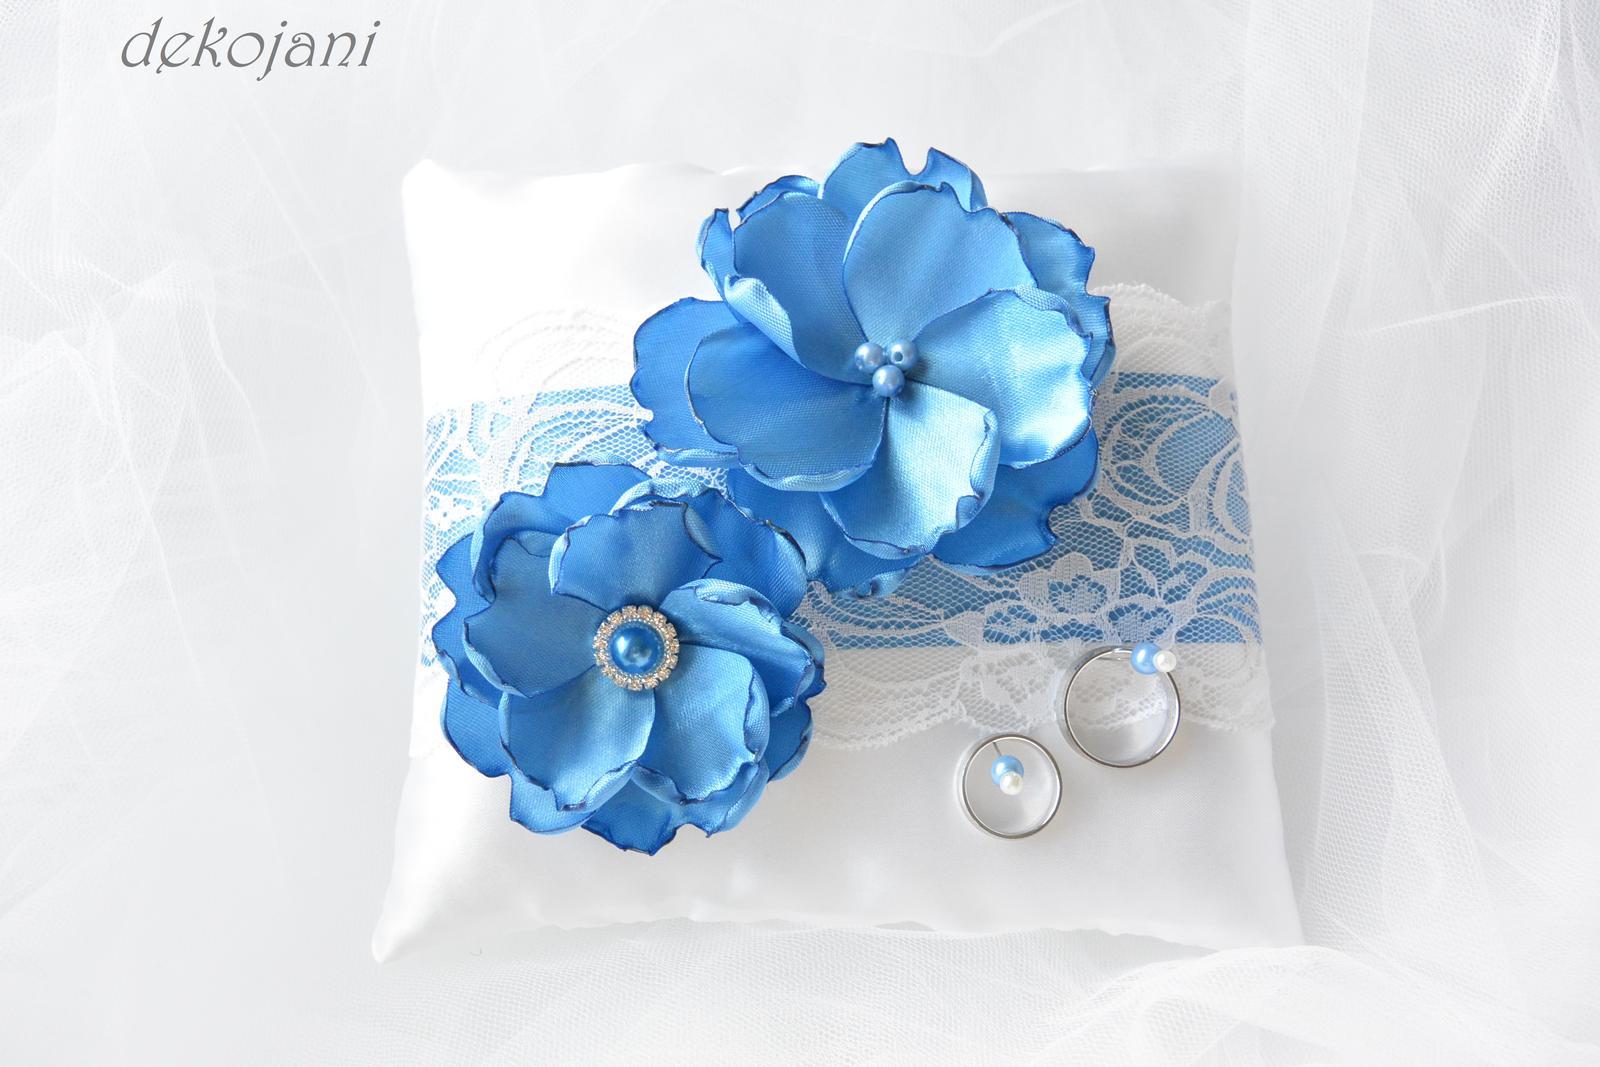 Polštářek pod prstýnky s modrými květy a krajkou - Obrázek č. 1